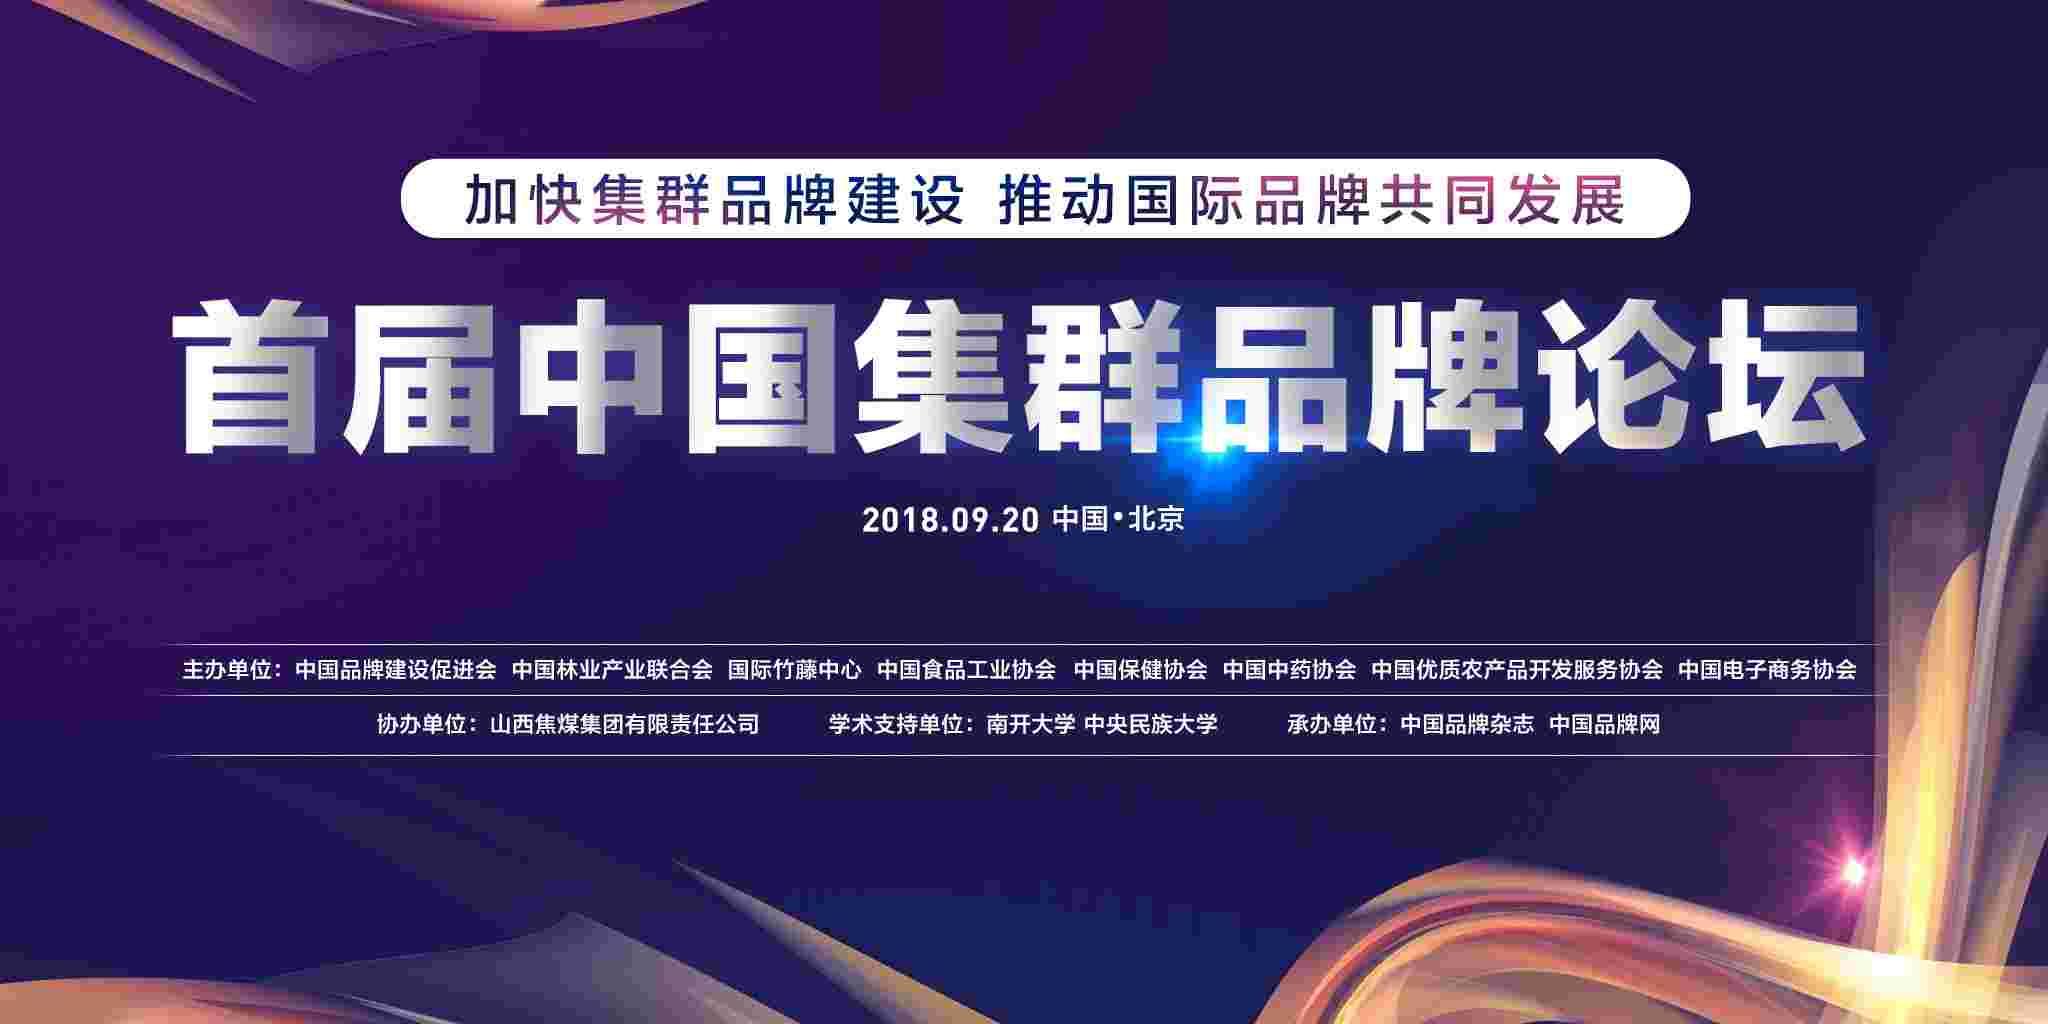 首届中国集群品牌论坛